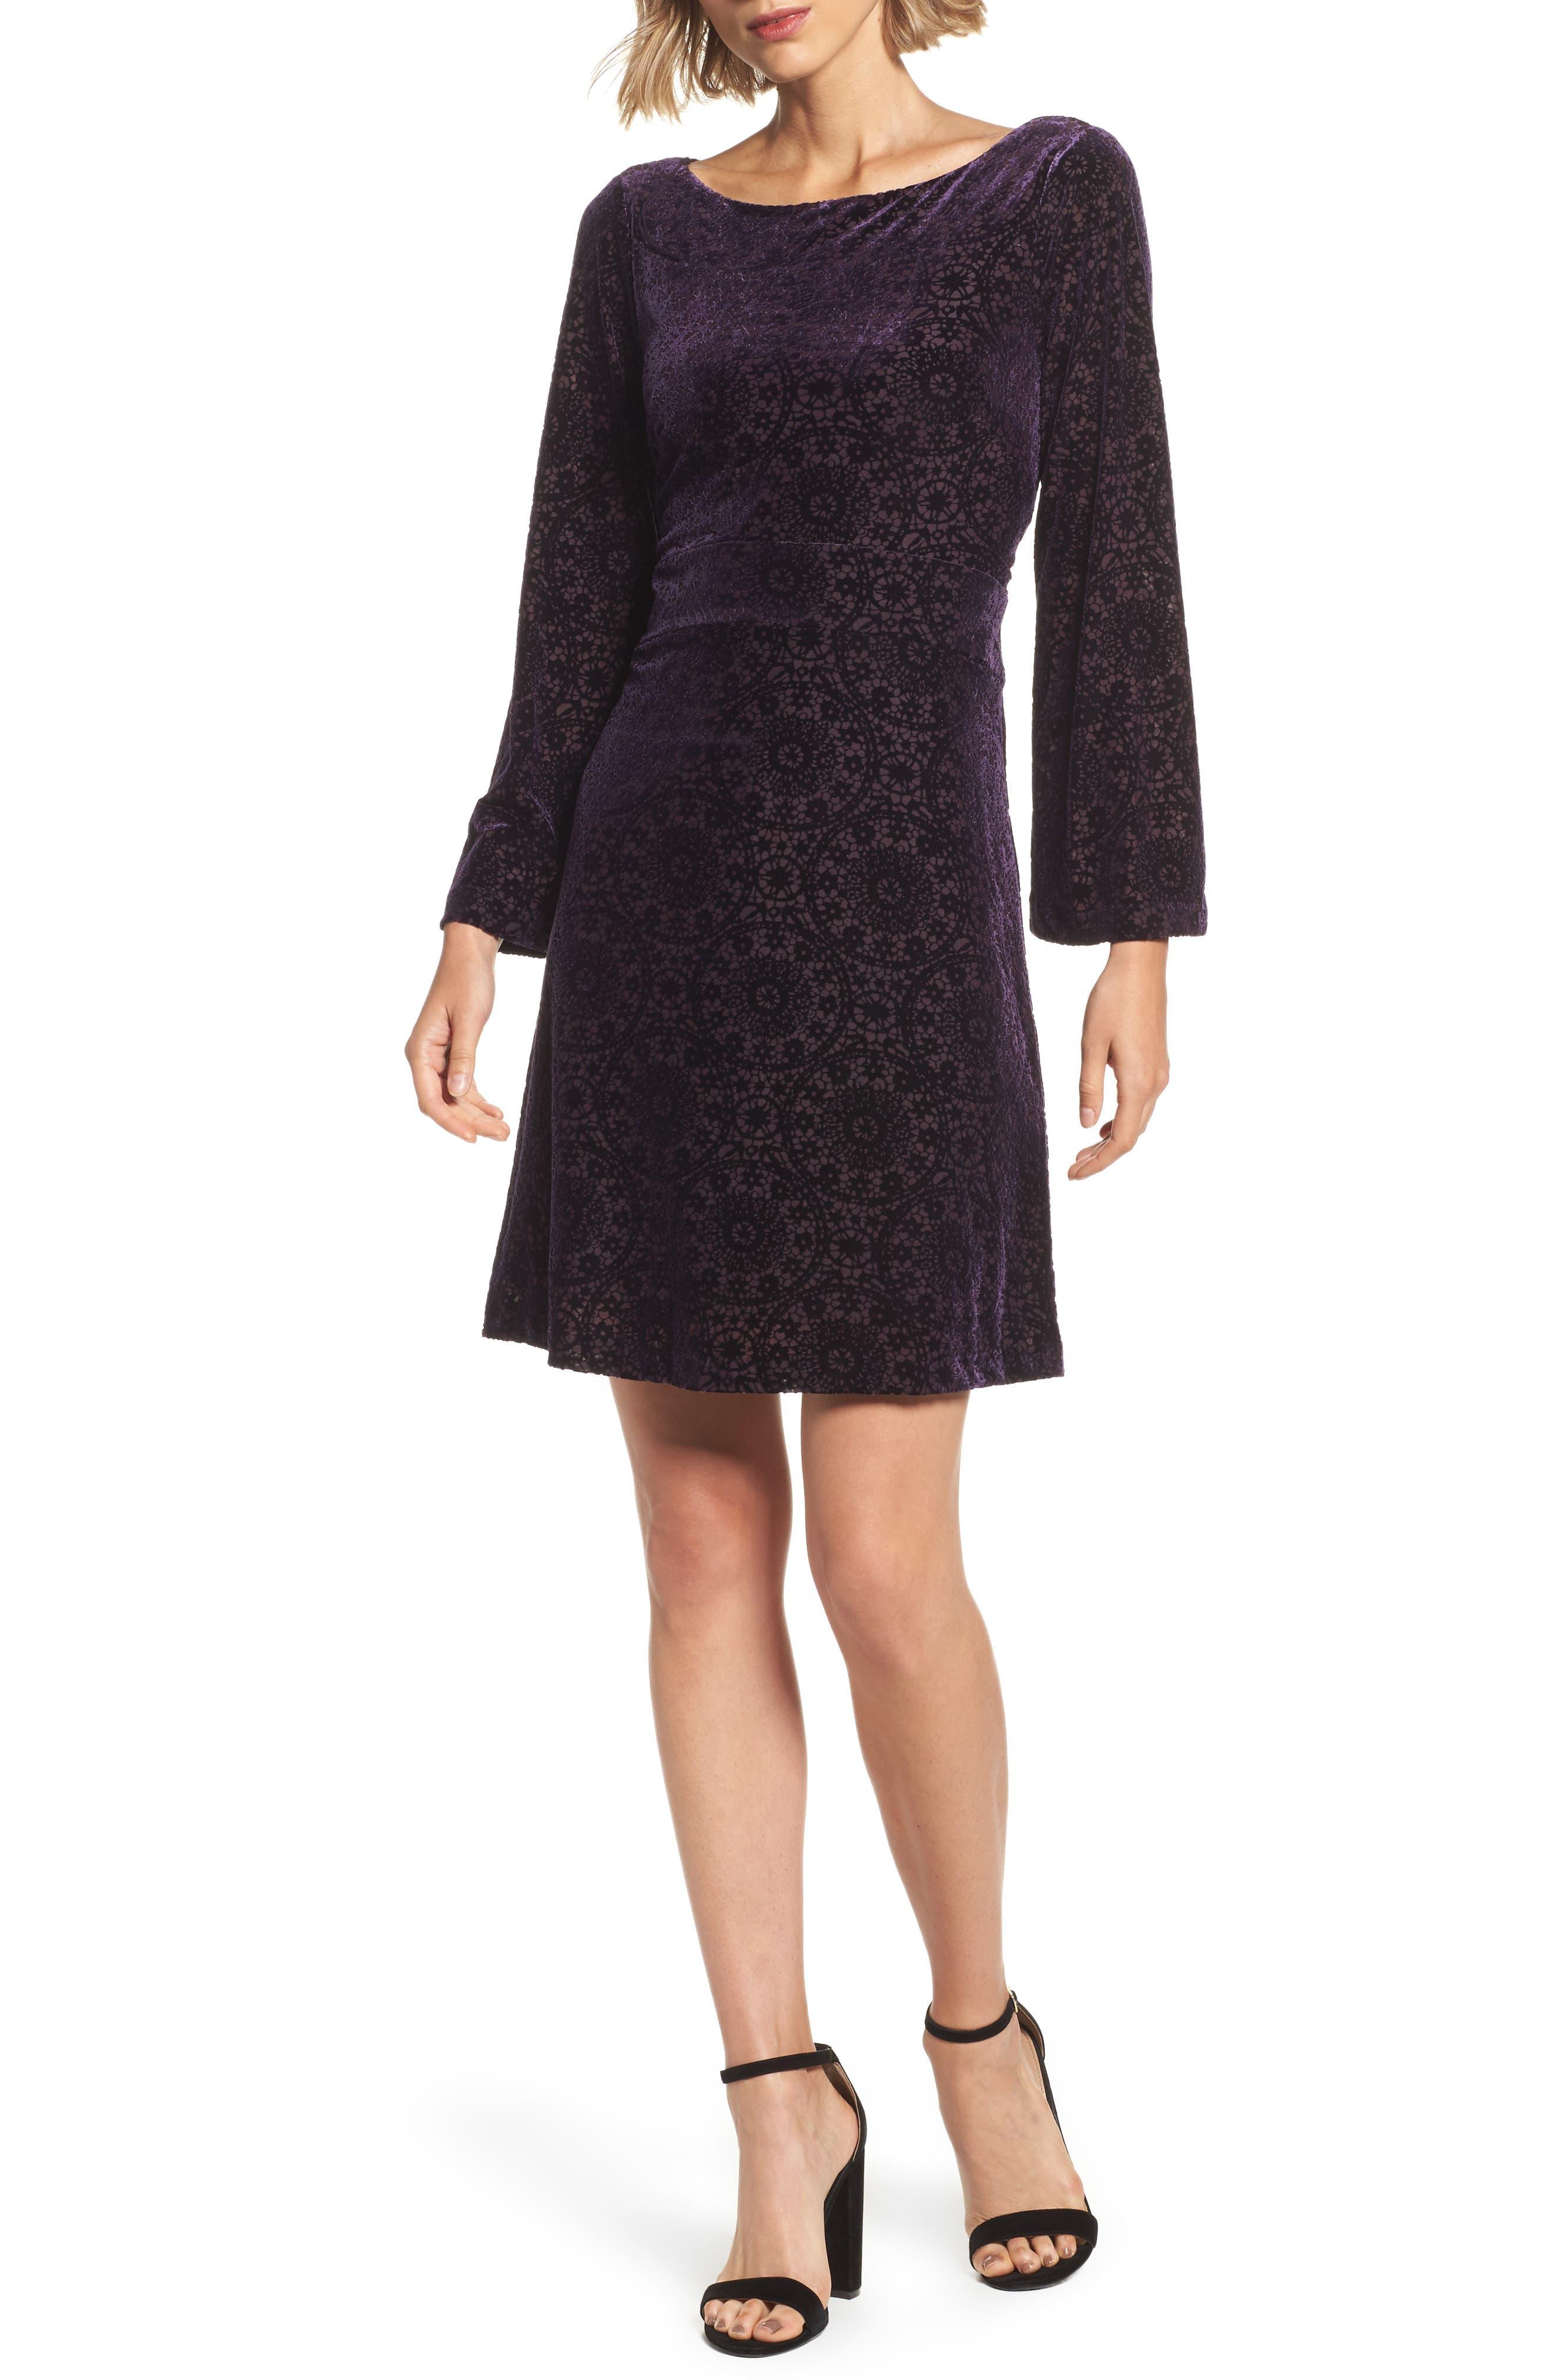 Alternate Image 1 Selected - Adrianna Papell Velvet Burnout Bell Sleeve Dress